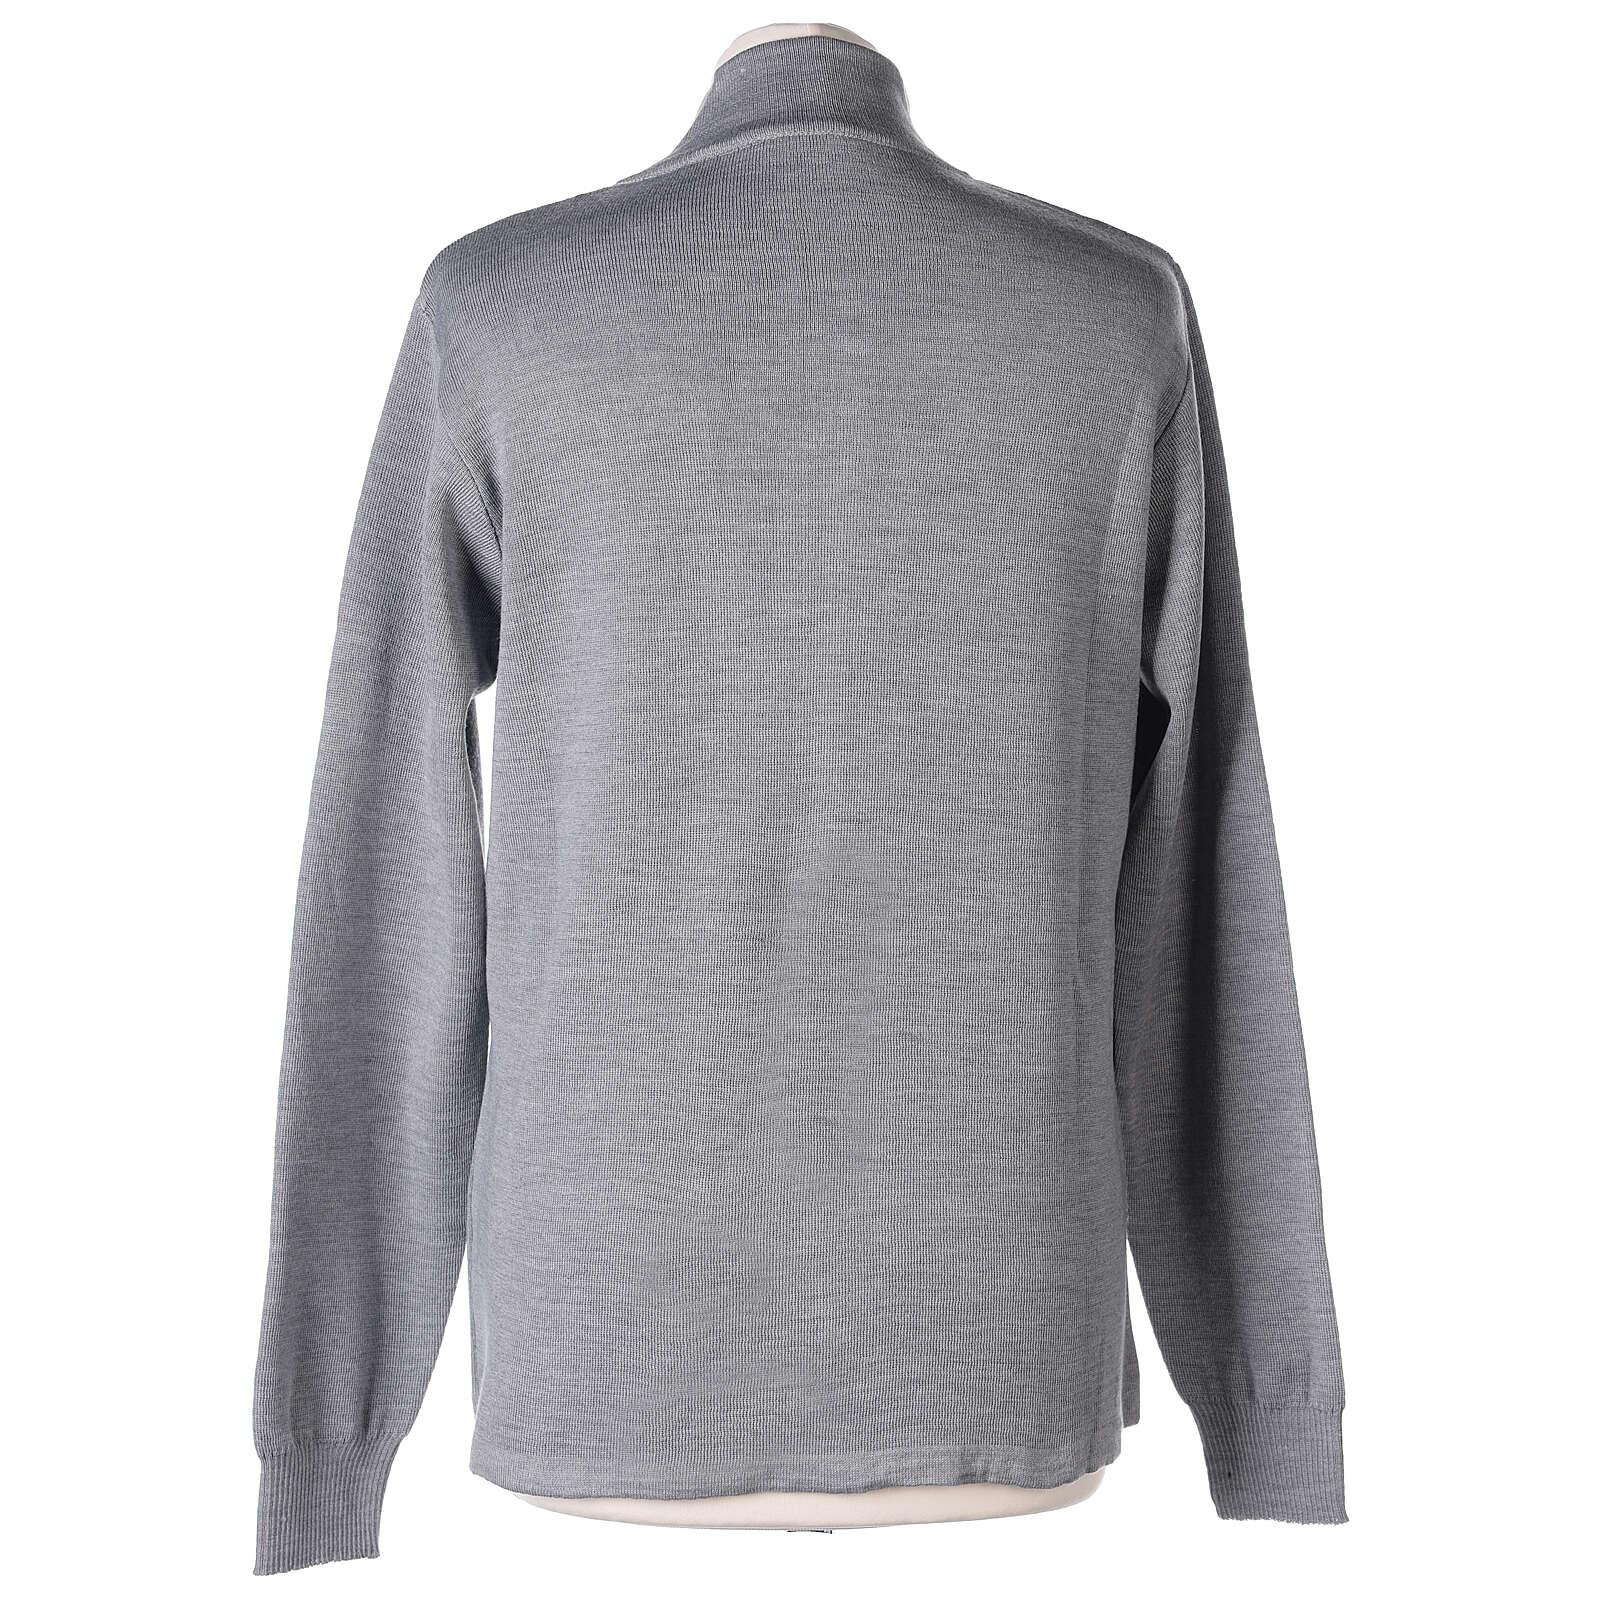 Cardigan col montant avec fermeture éclair 50% acrylique 50% laine mérinos gris perle soeur In Primis 4